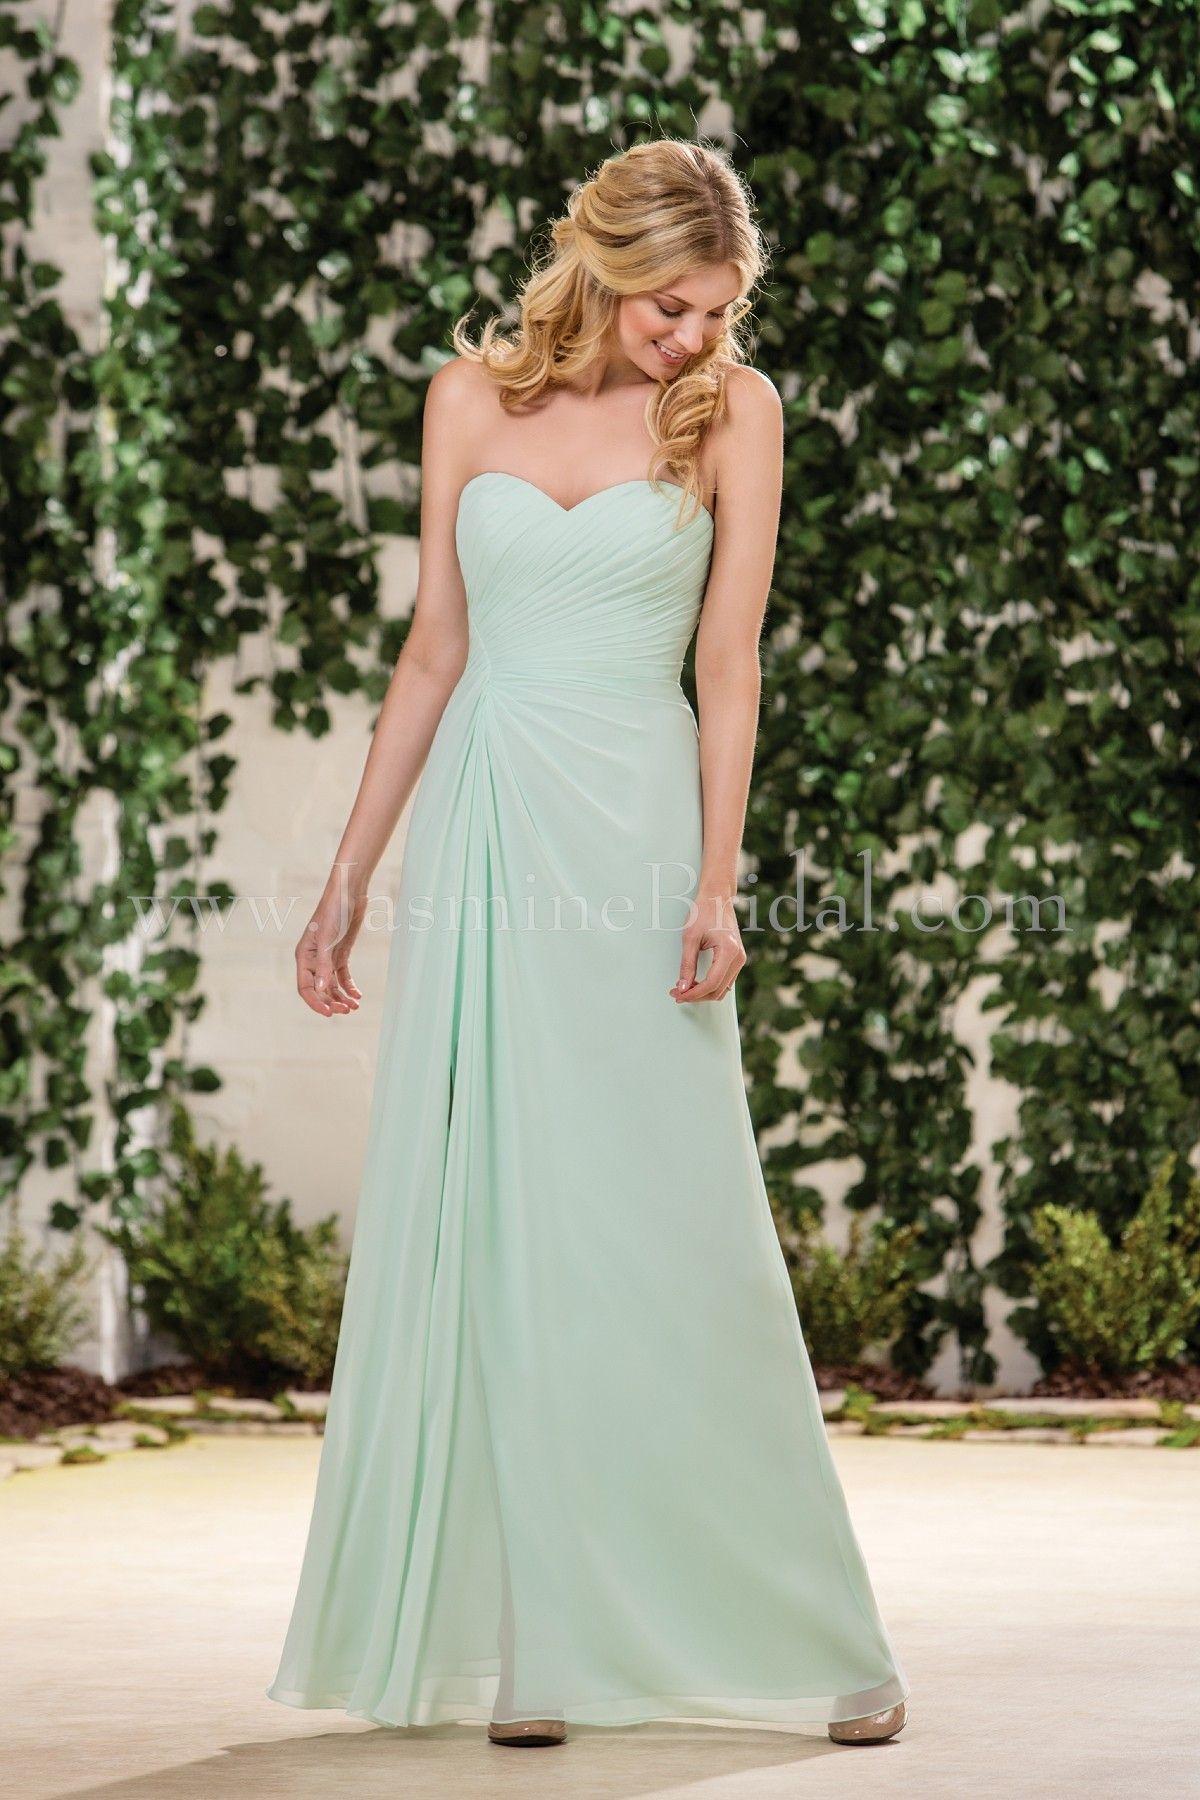 Jasmine Bridal Jasmine Bridesmaids Dresses Green Bridesmaid Dresses Bridesmaid Dresses [ 1800 x 1200 Pixel ]